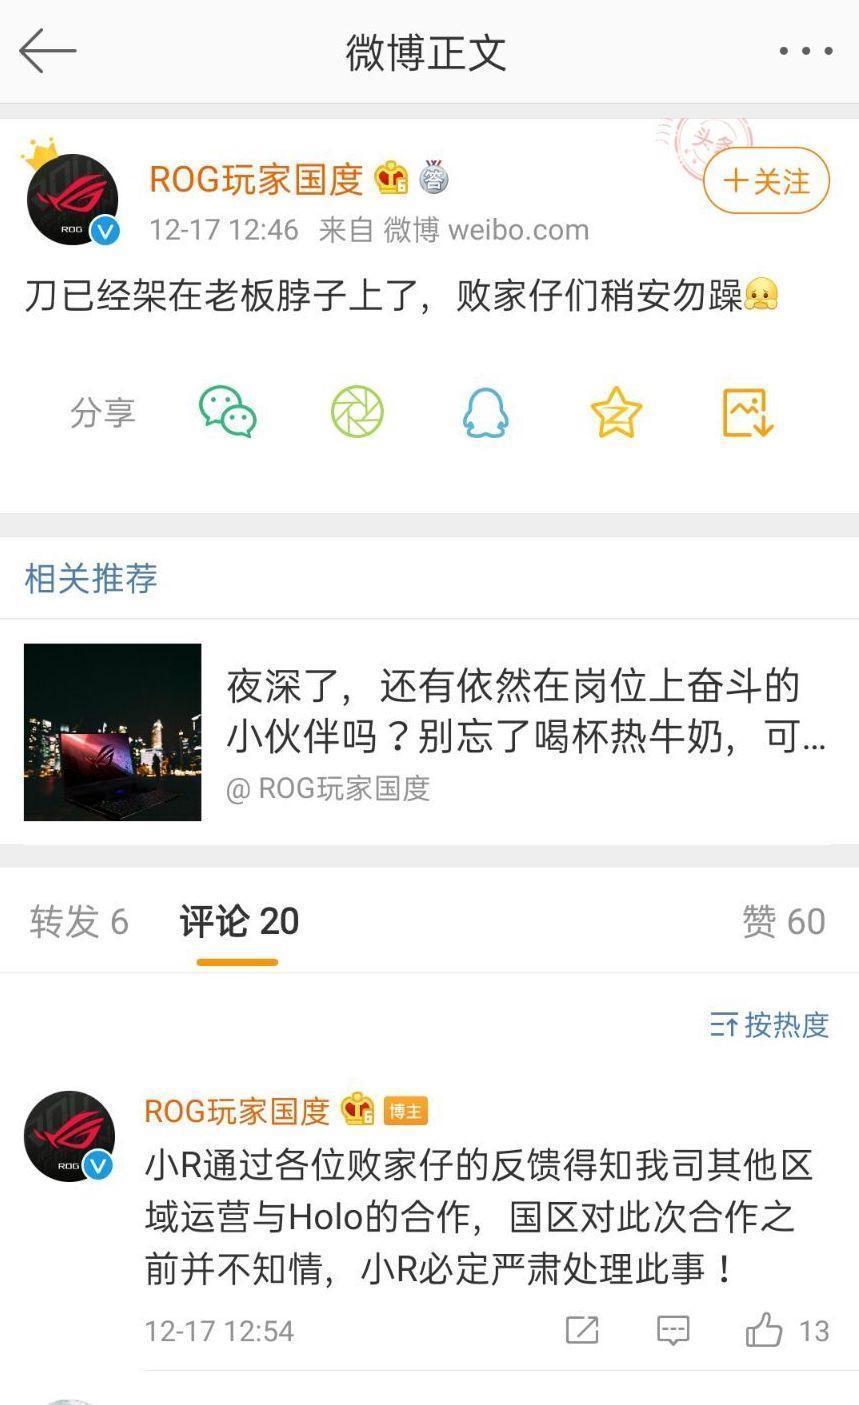 中國小編在微博狂言「刀已架在老闆脖子上了」。(翻攝ROG玩家國度微博)